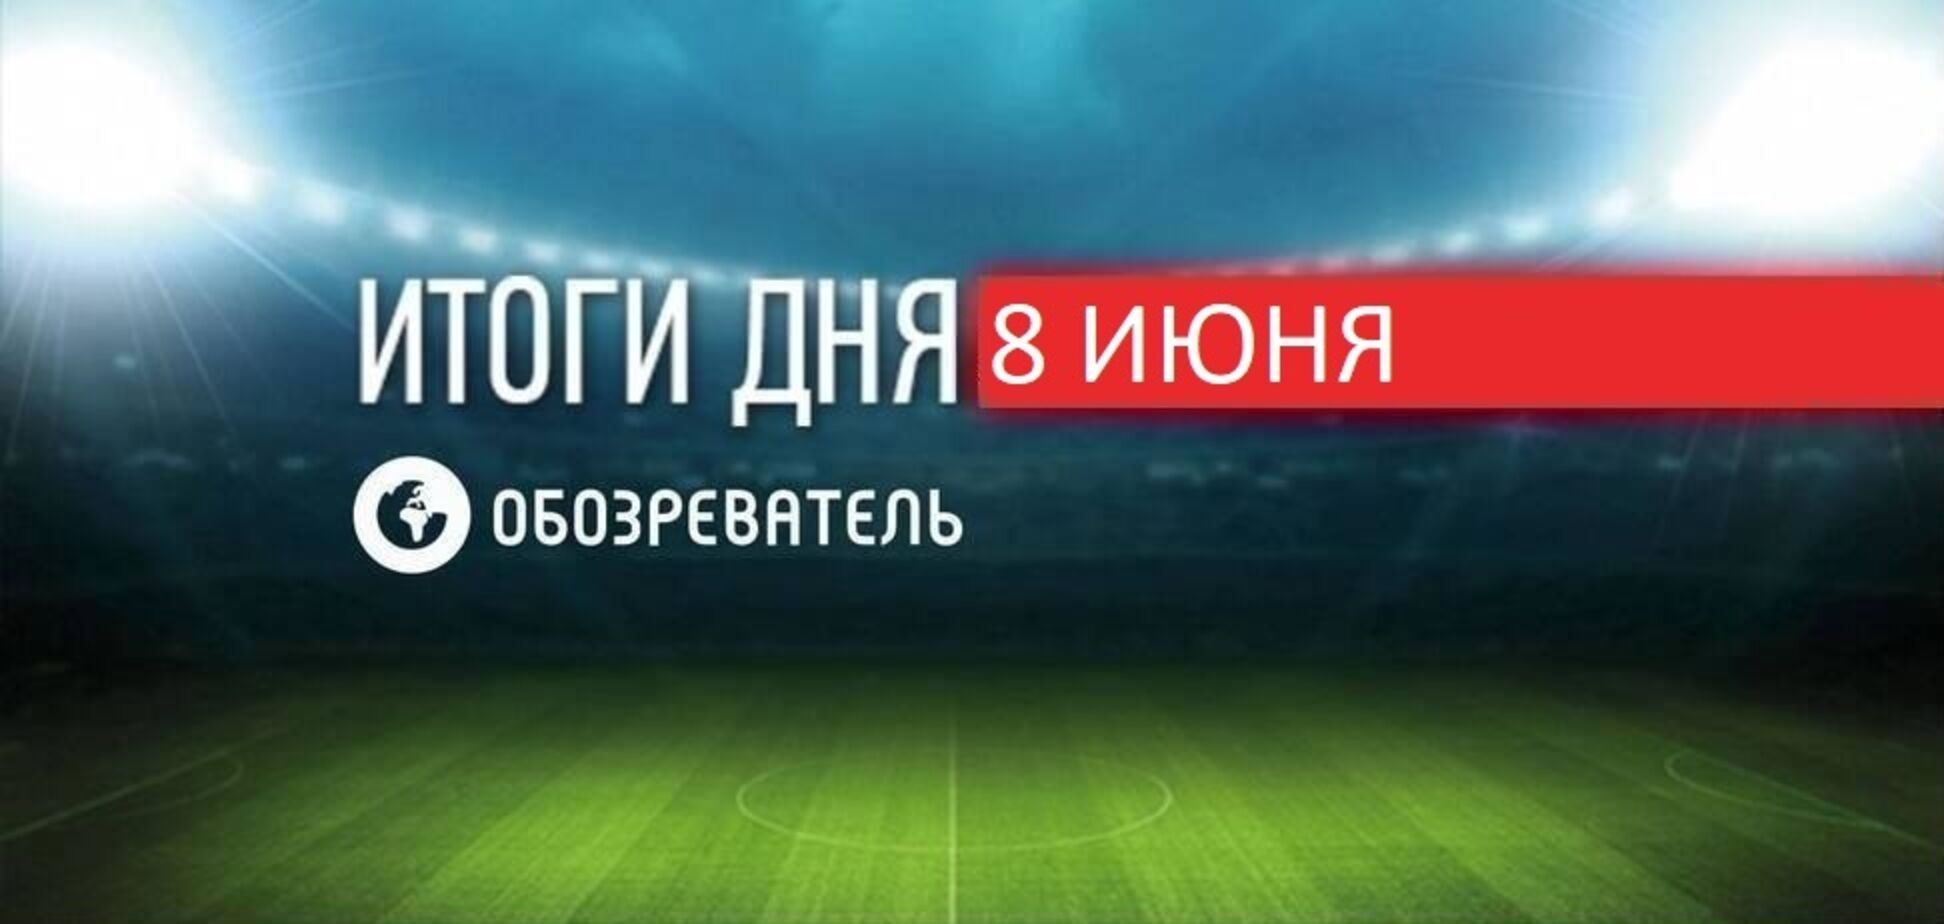 Новости спорта 8 июня: Россия опротестовала в УЕФА форму сборной Украины с Крымом